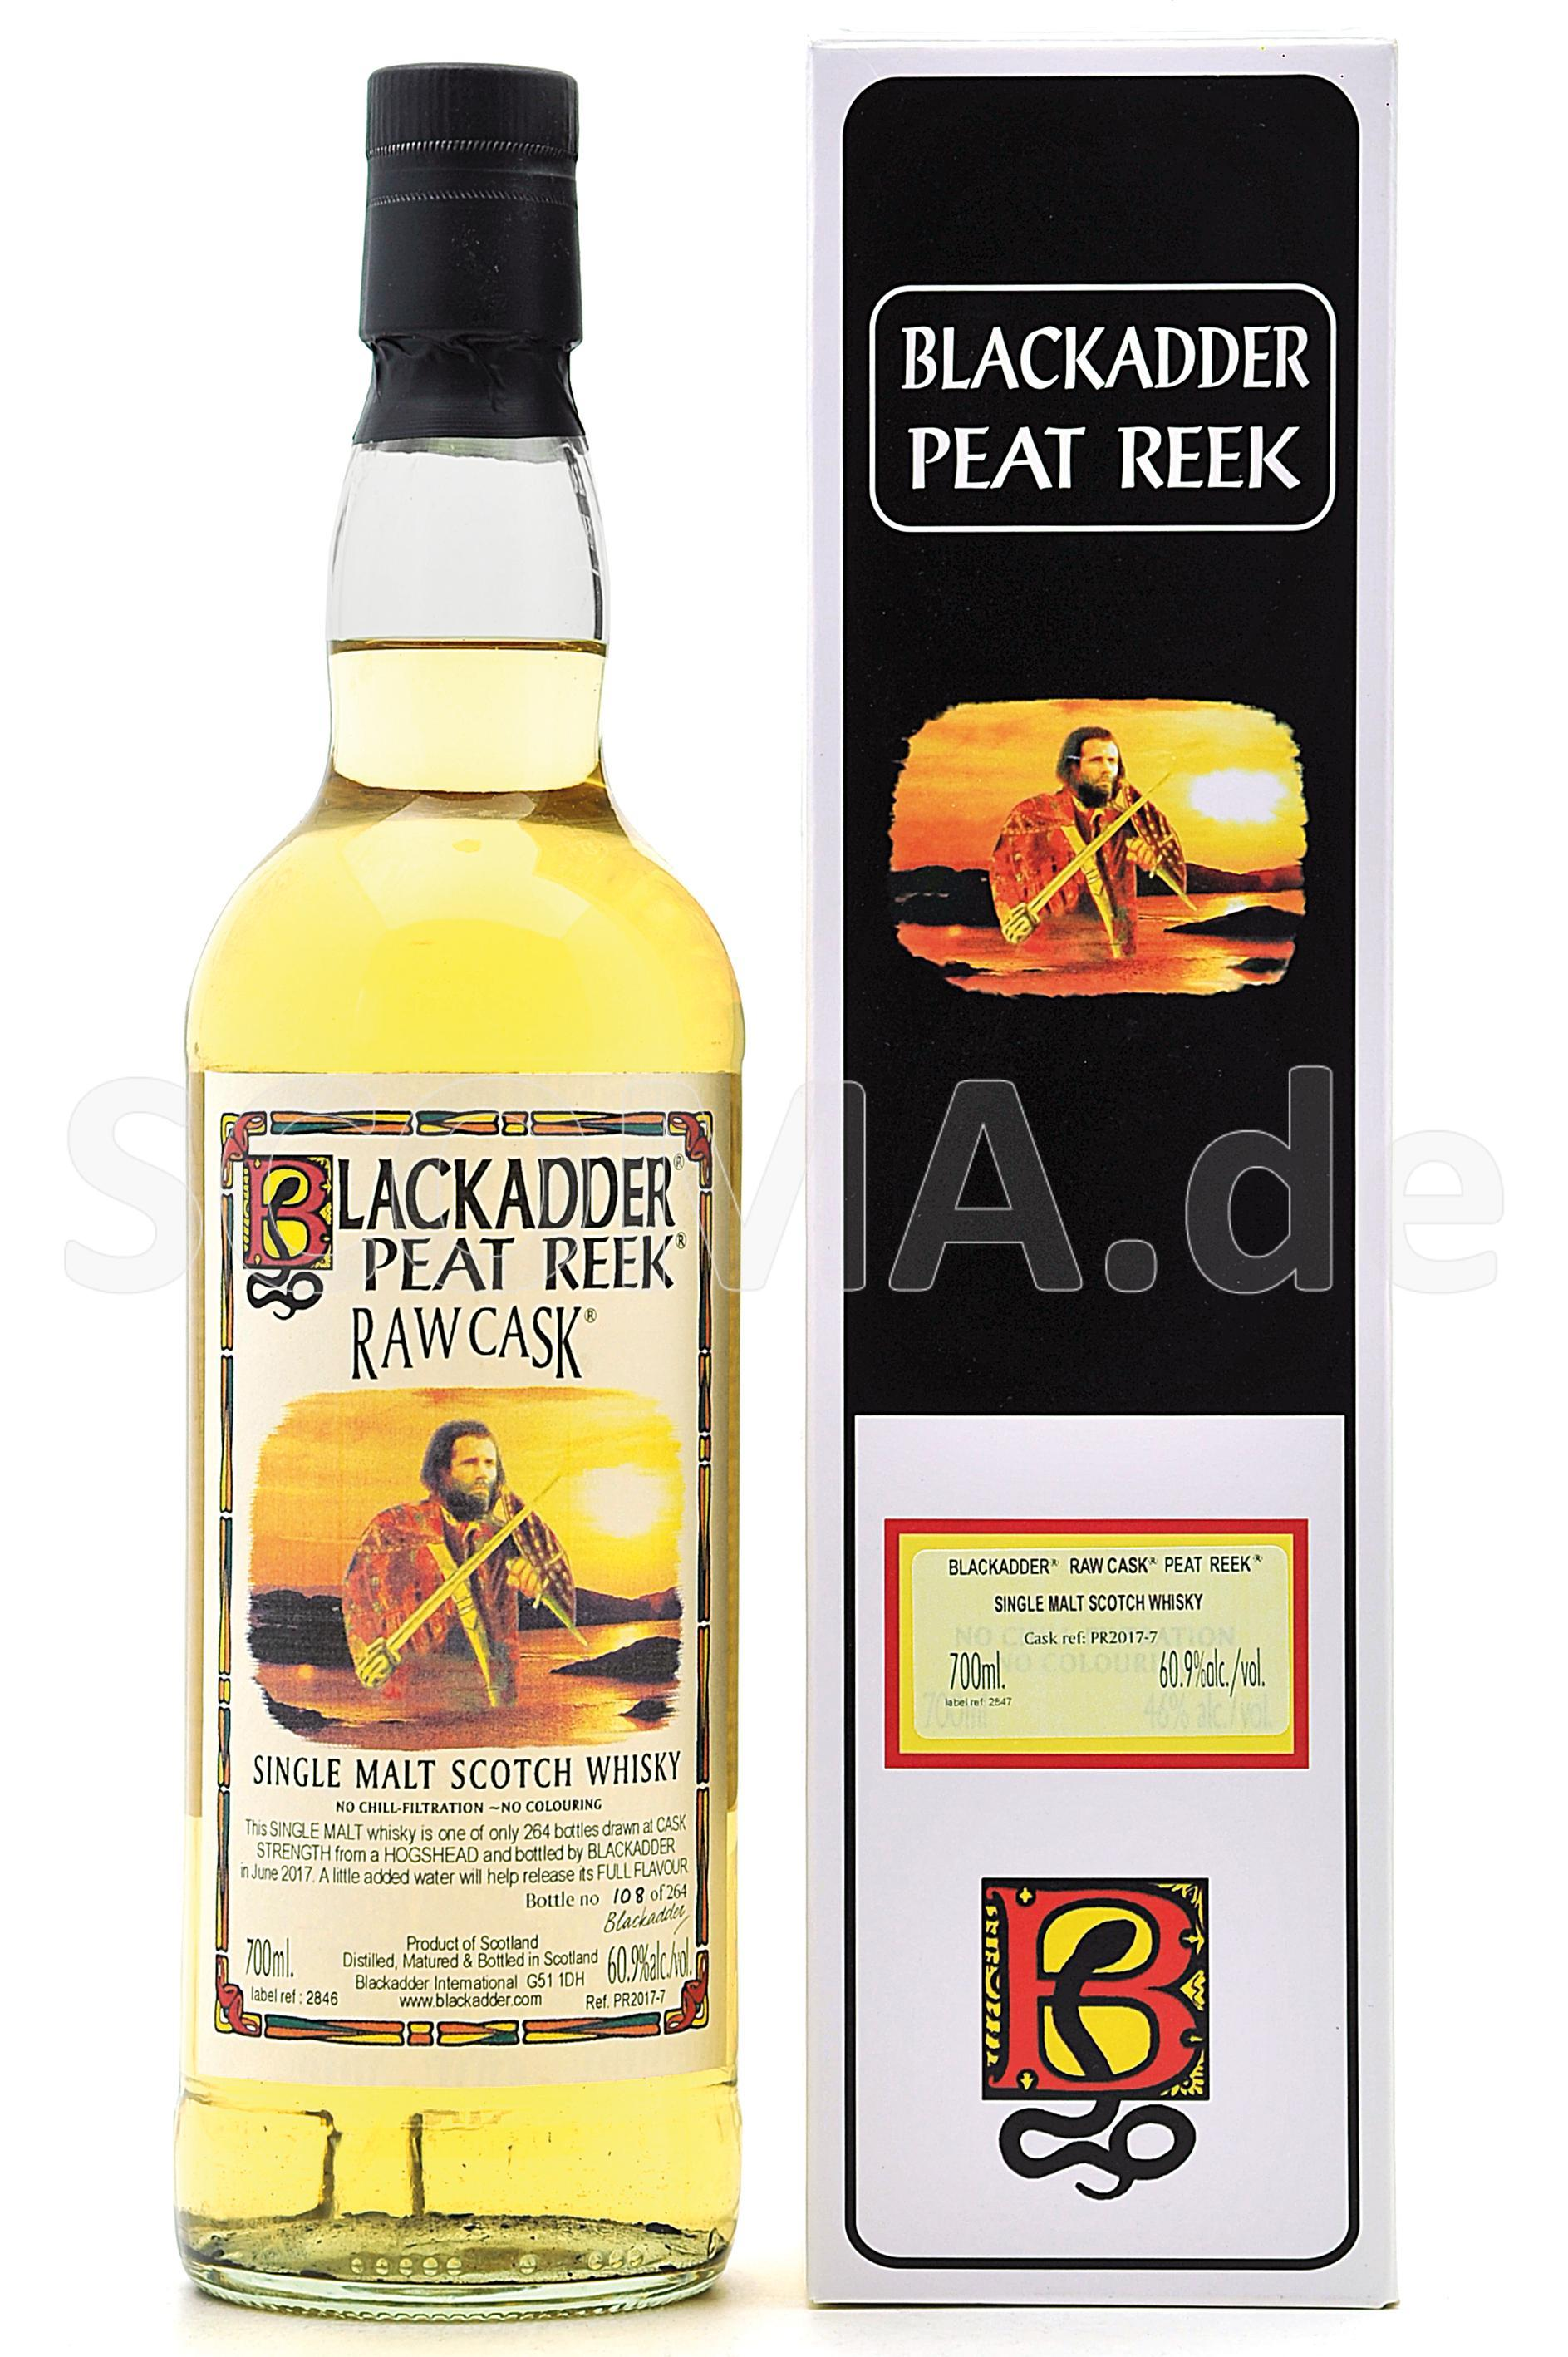 Peat Reek Raw Cask